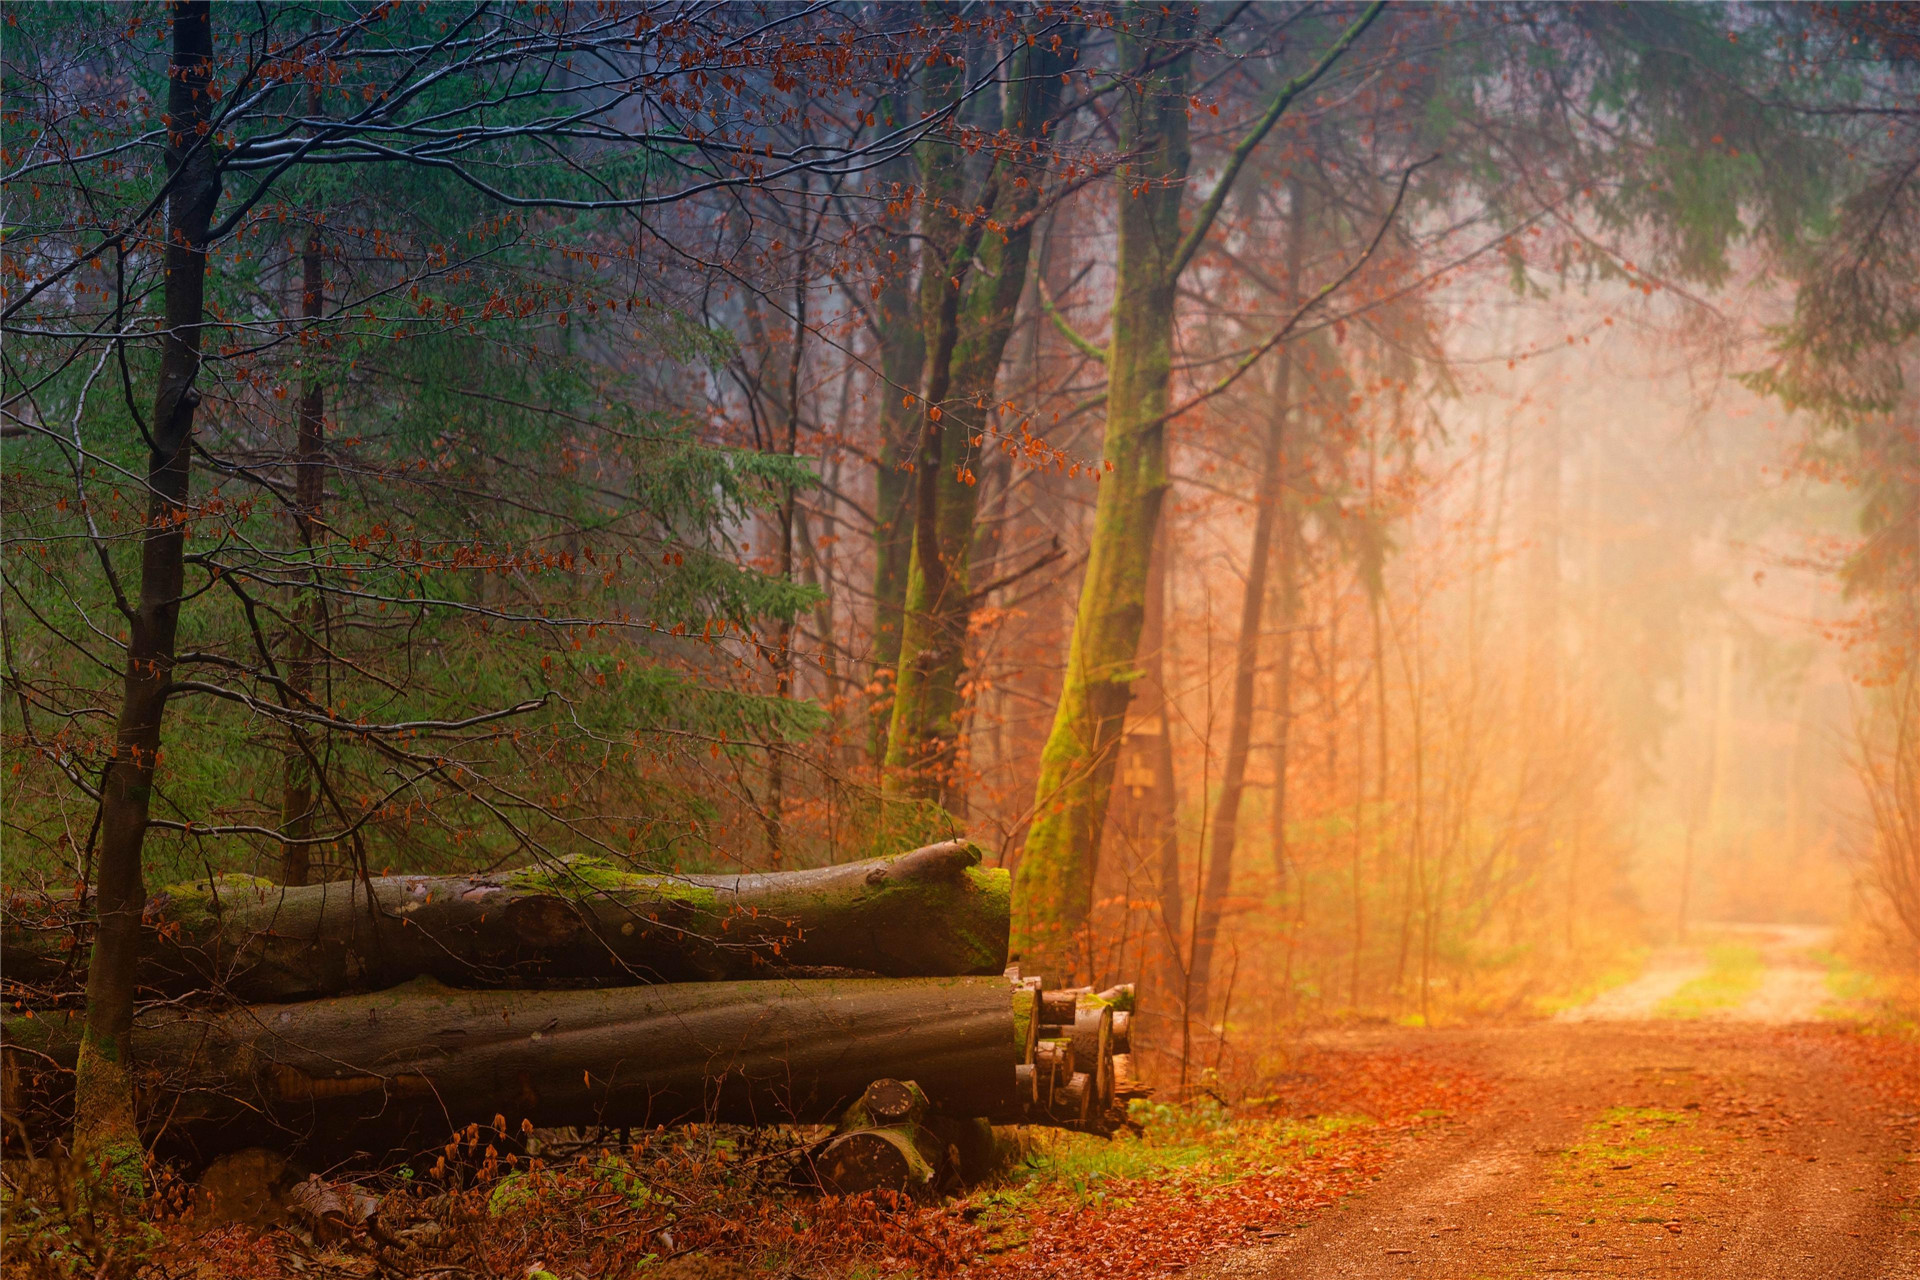 金色枫叶唯美风景保护眼睛的桌面壁纸